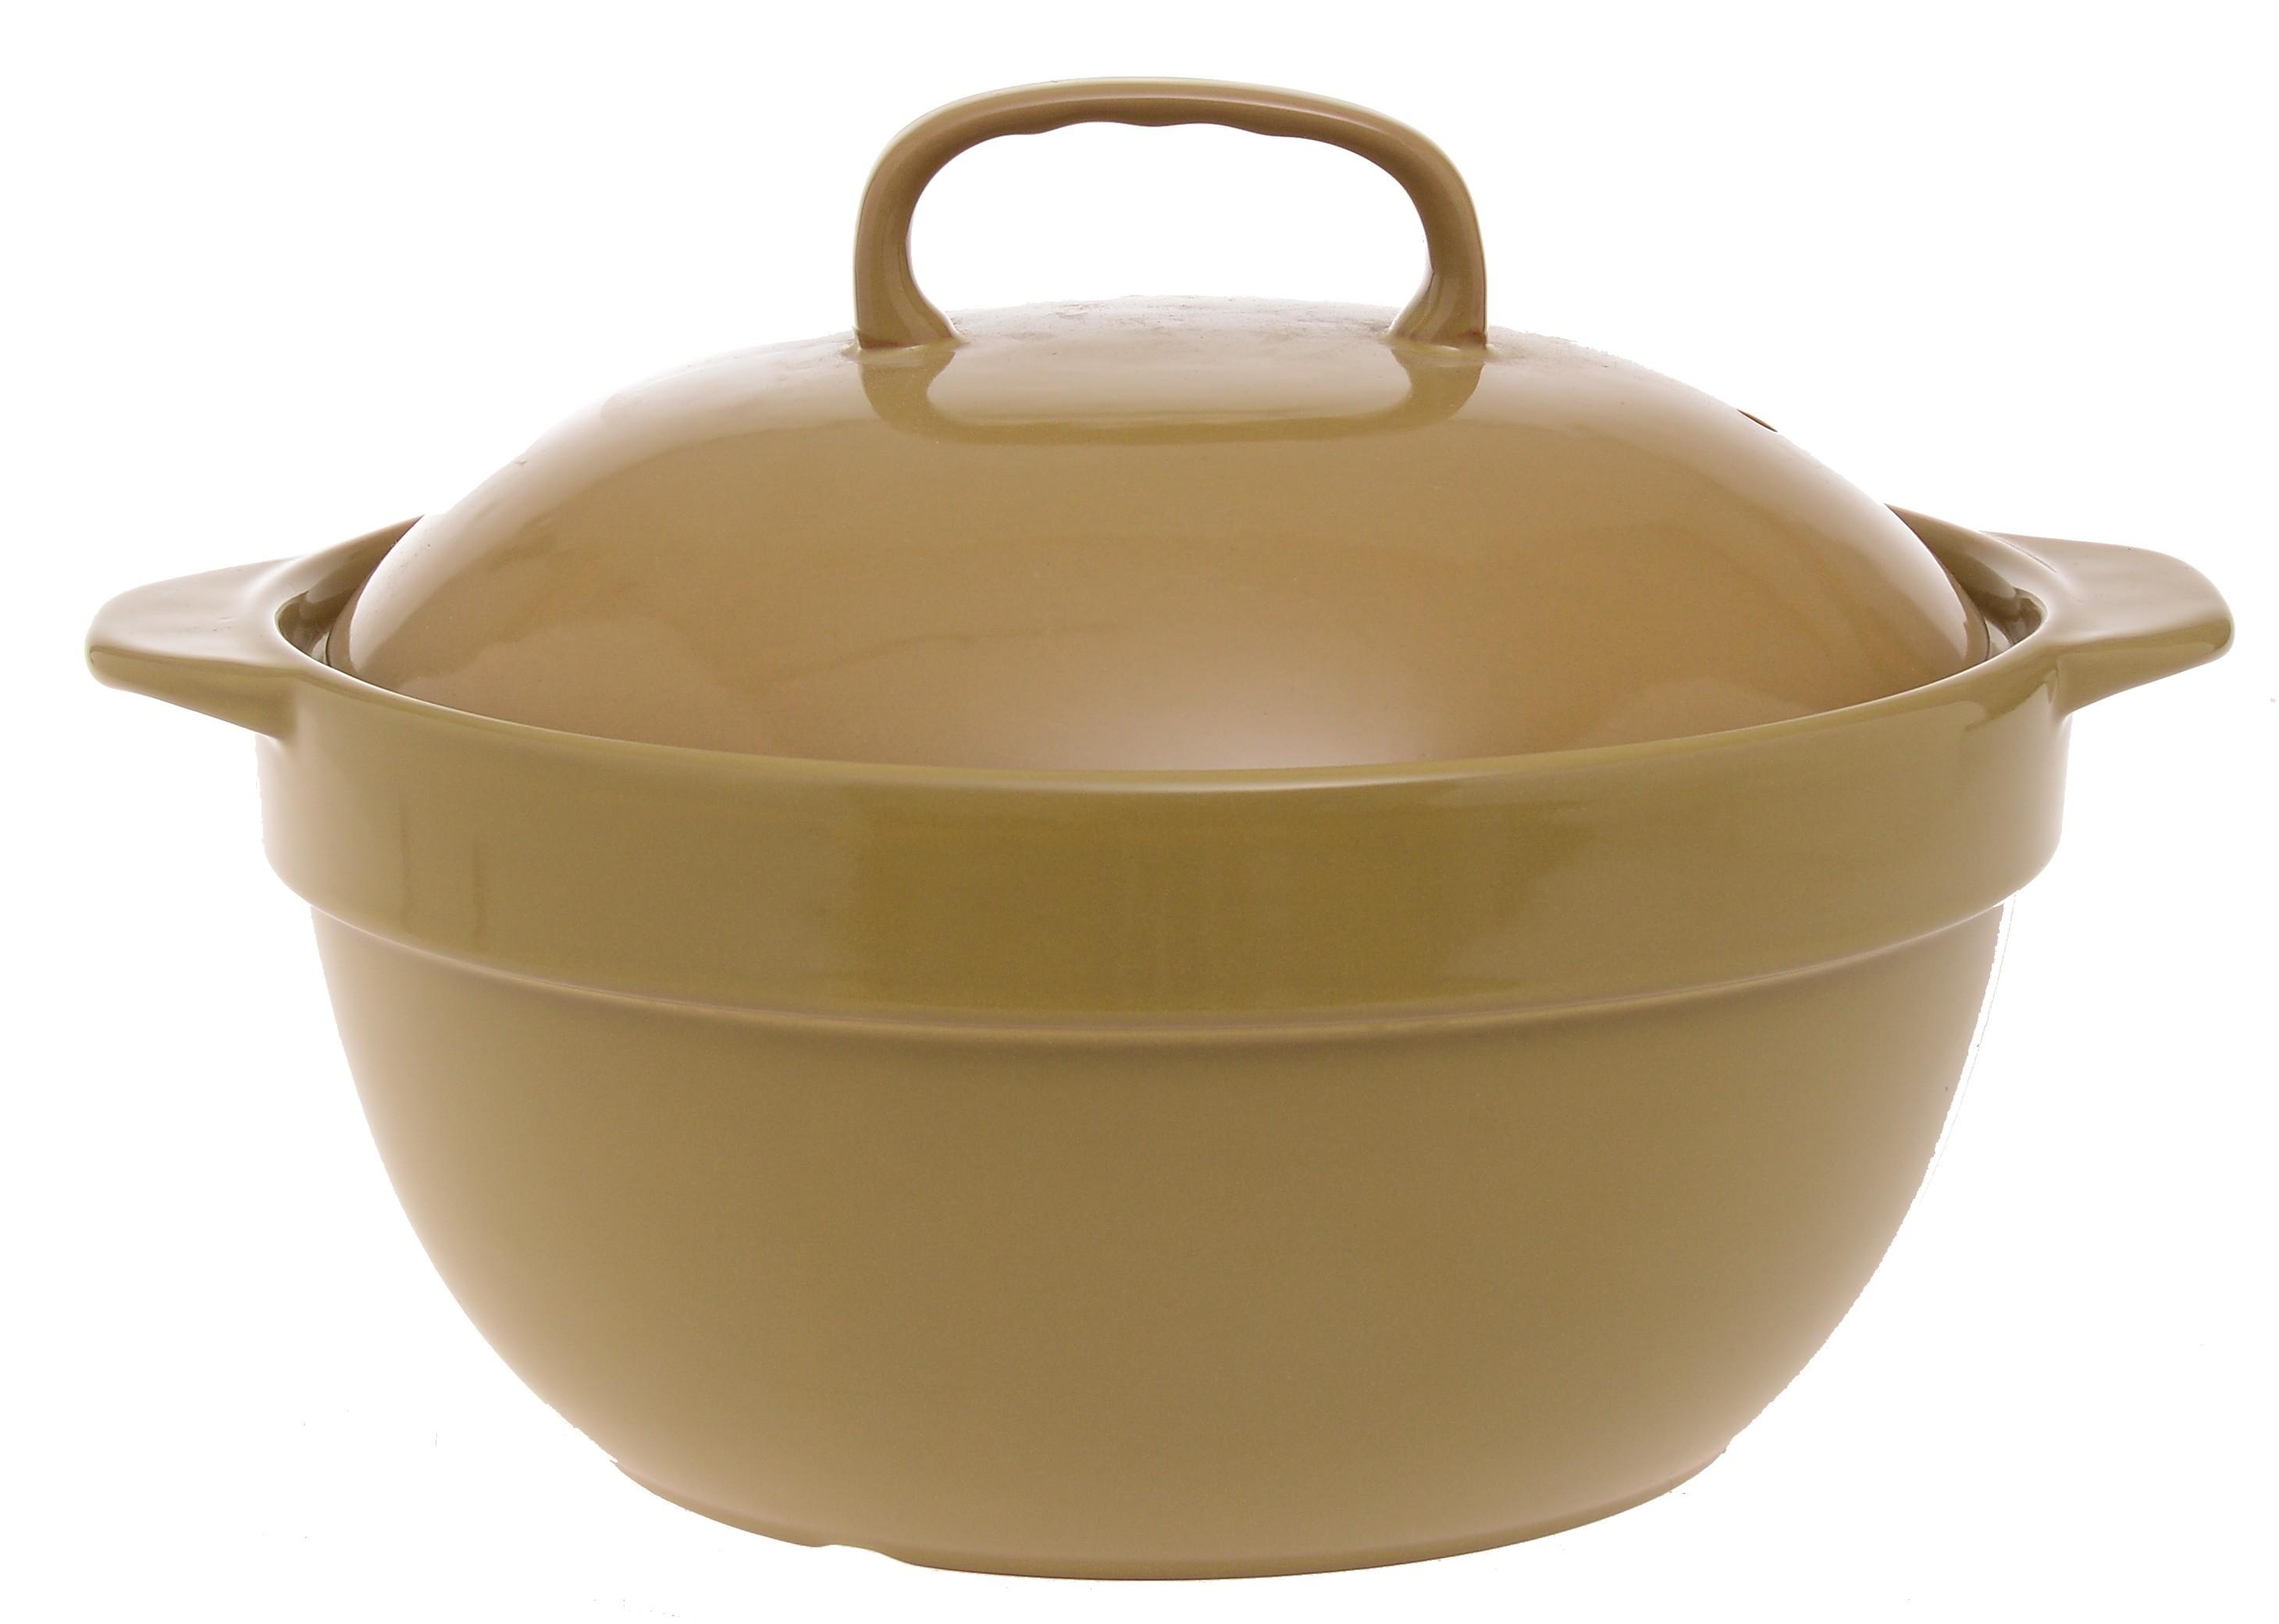 Κατσαρόλα Πυρίμαχη Home Design Λαδί home   σκευη μαγειρικης   κατσαρόλες χύτρες